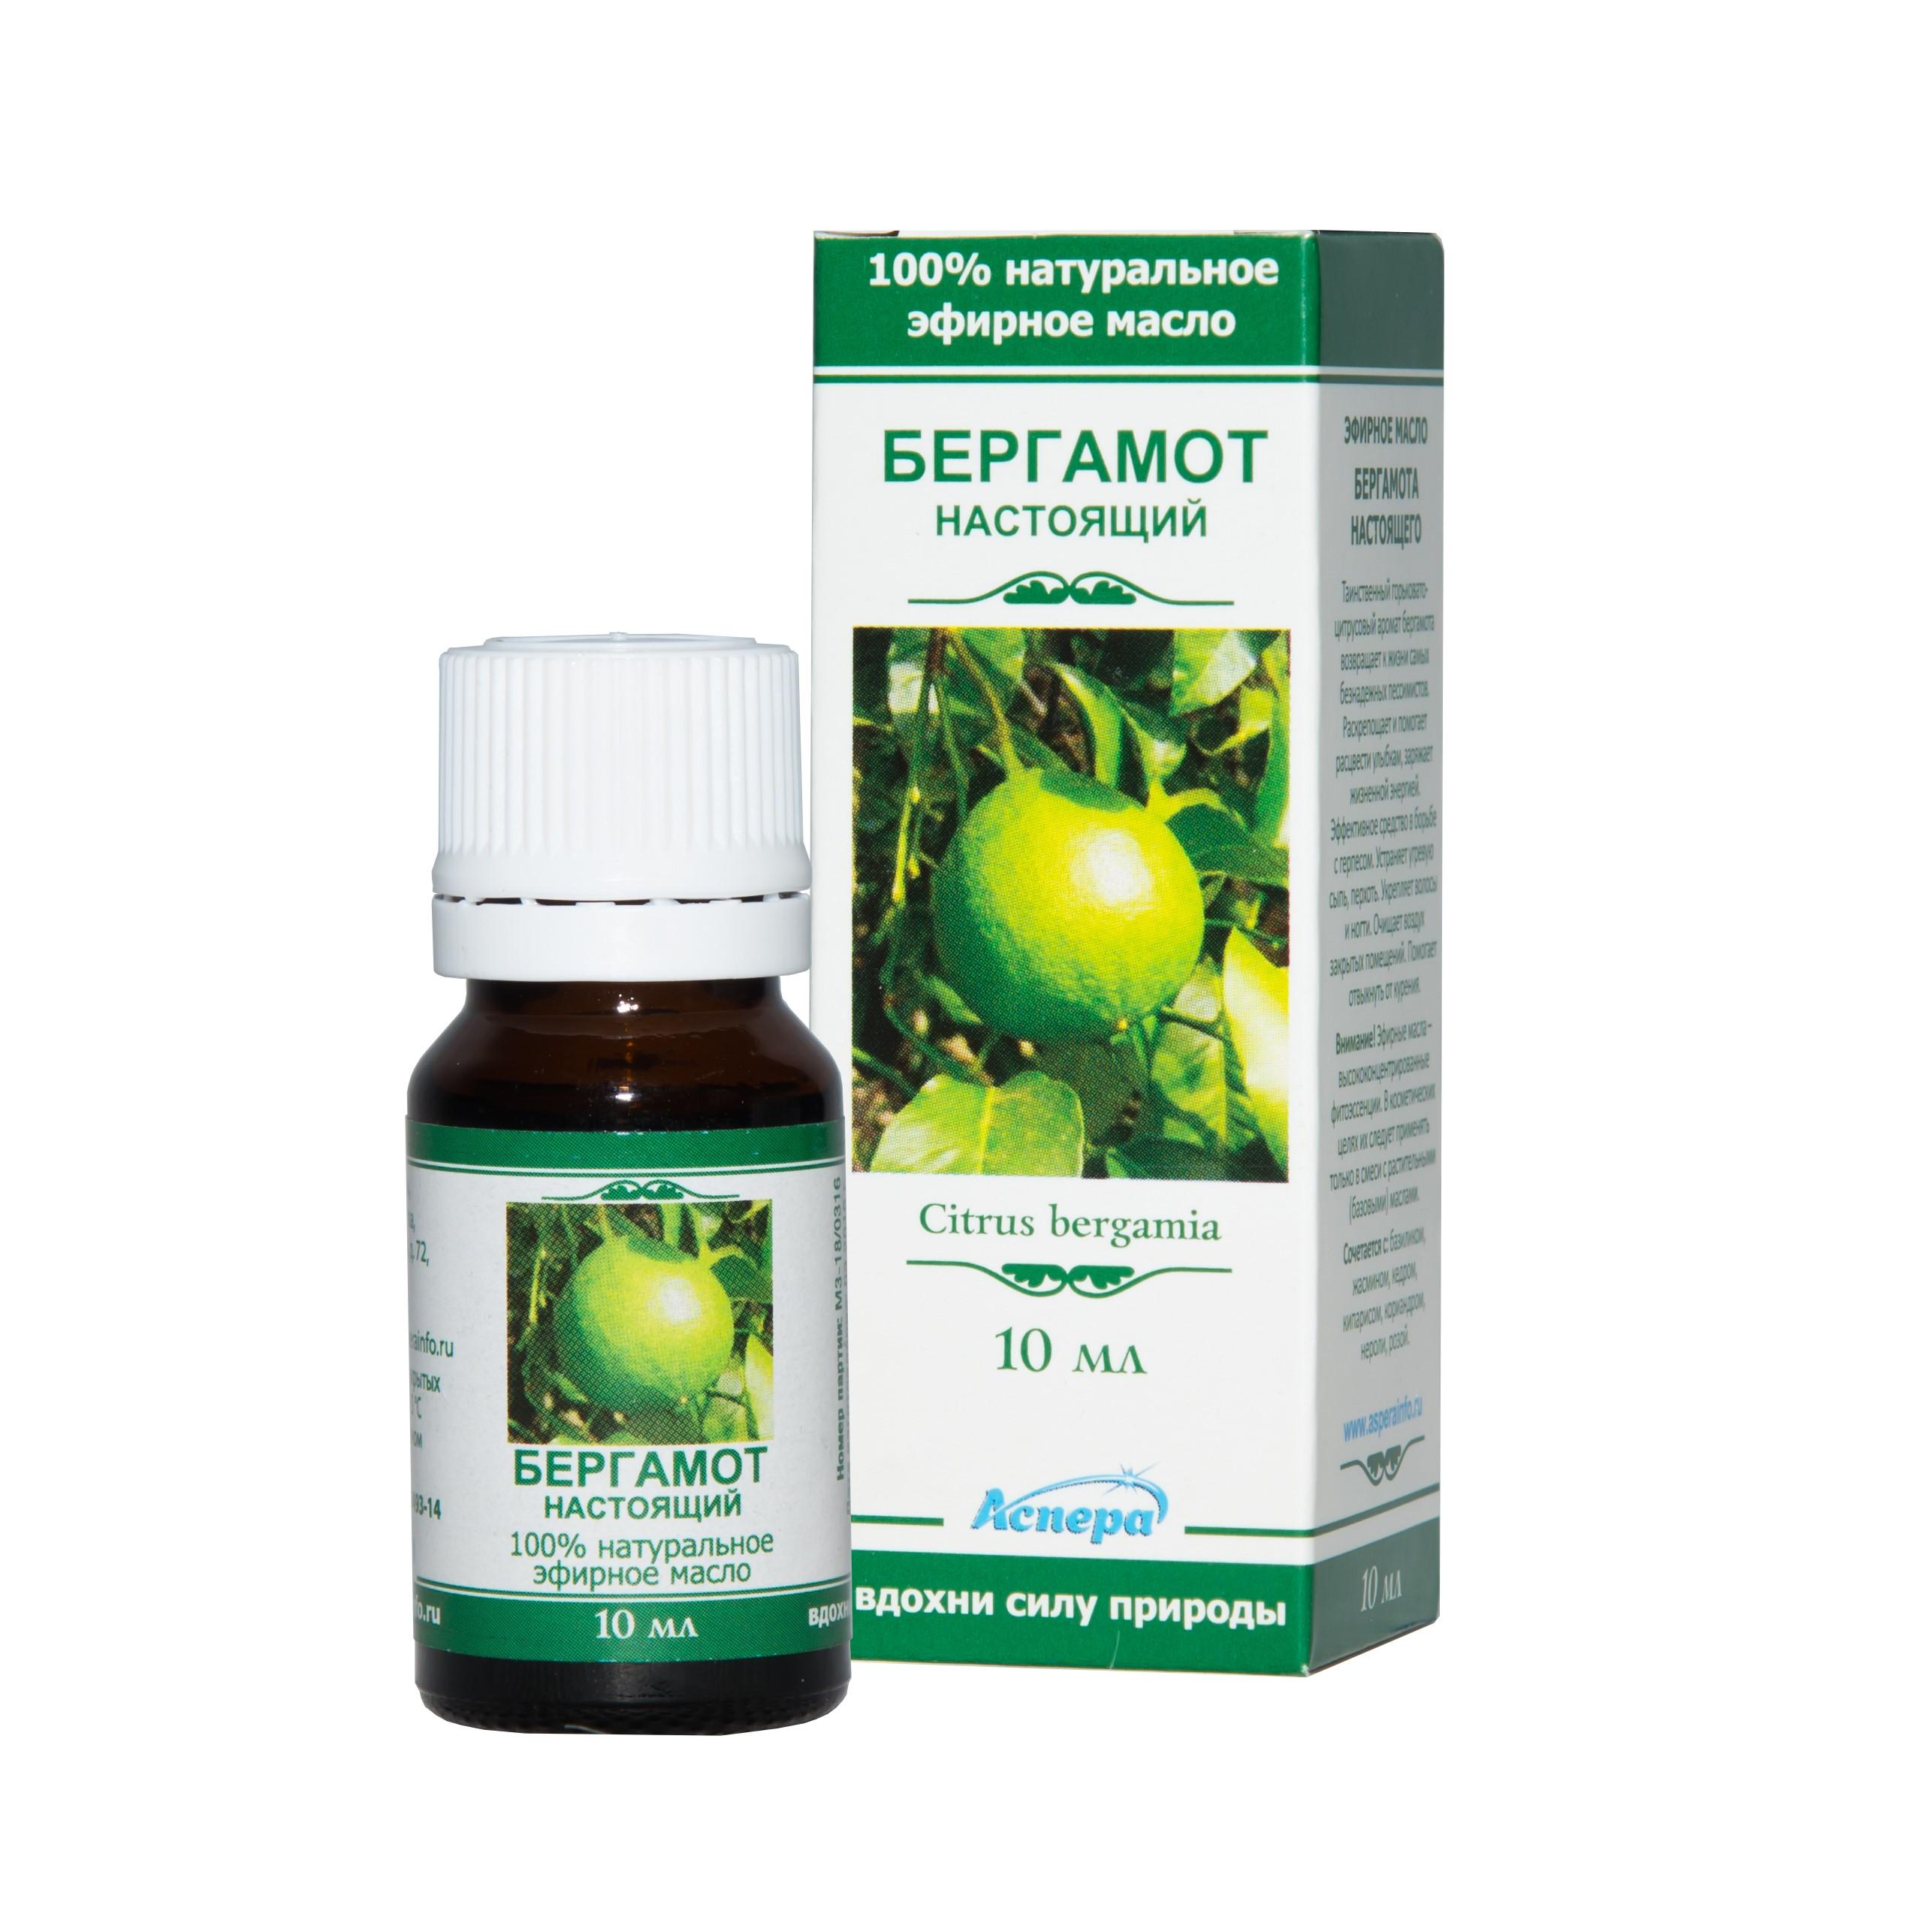 Аспера масло бергамота настоящего эфирное фл. 10мл